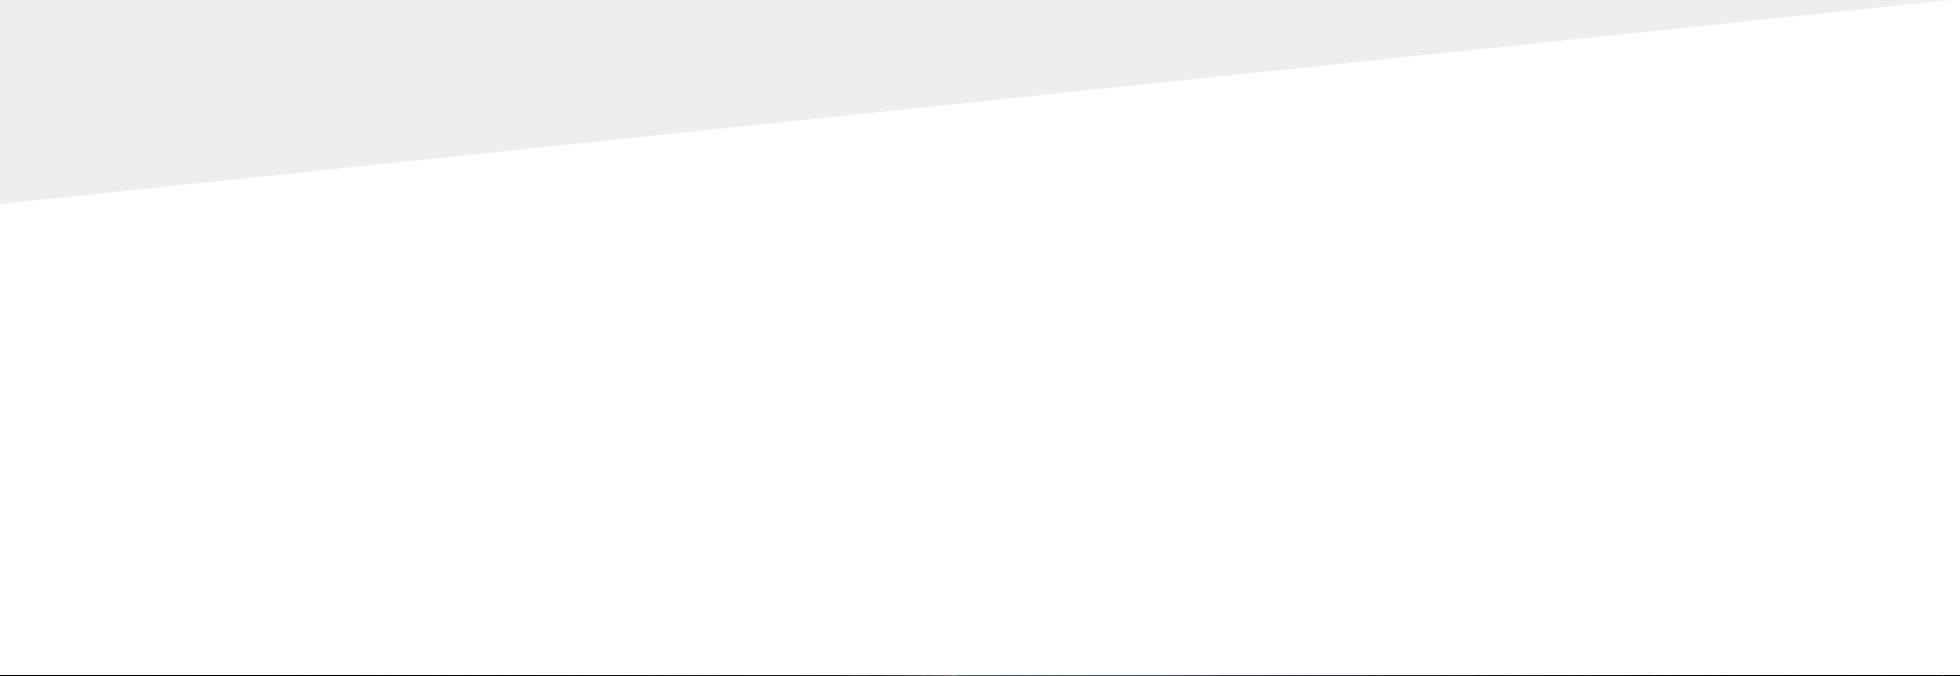 芬尼克兹热水工程/热水设备工程案例:全国超10000个优质热水工程案例,查看更多请点该页面